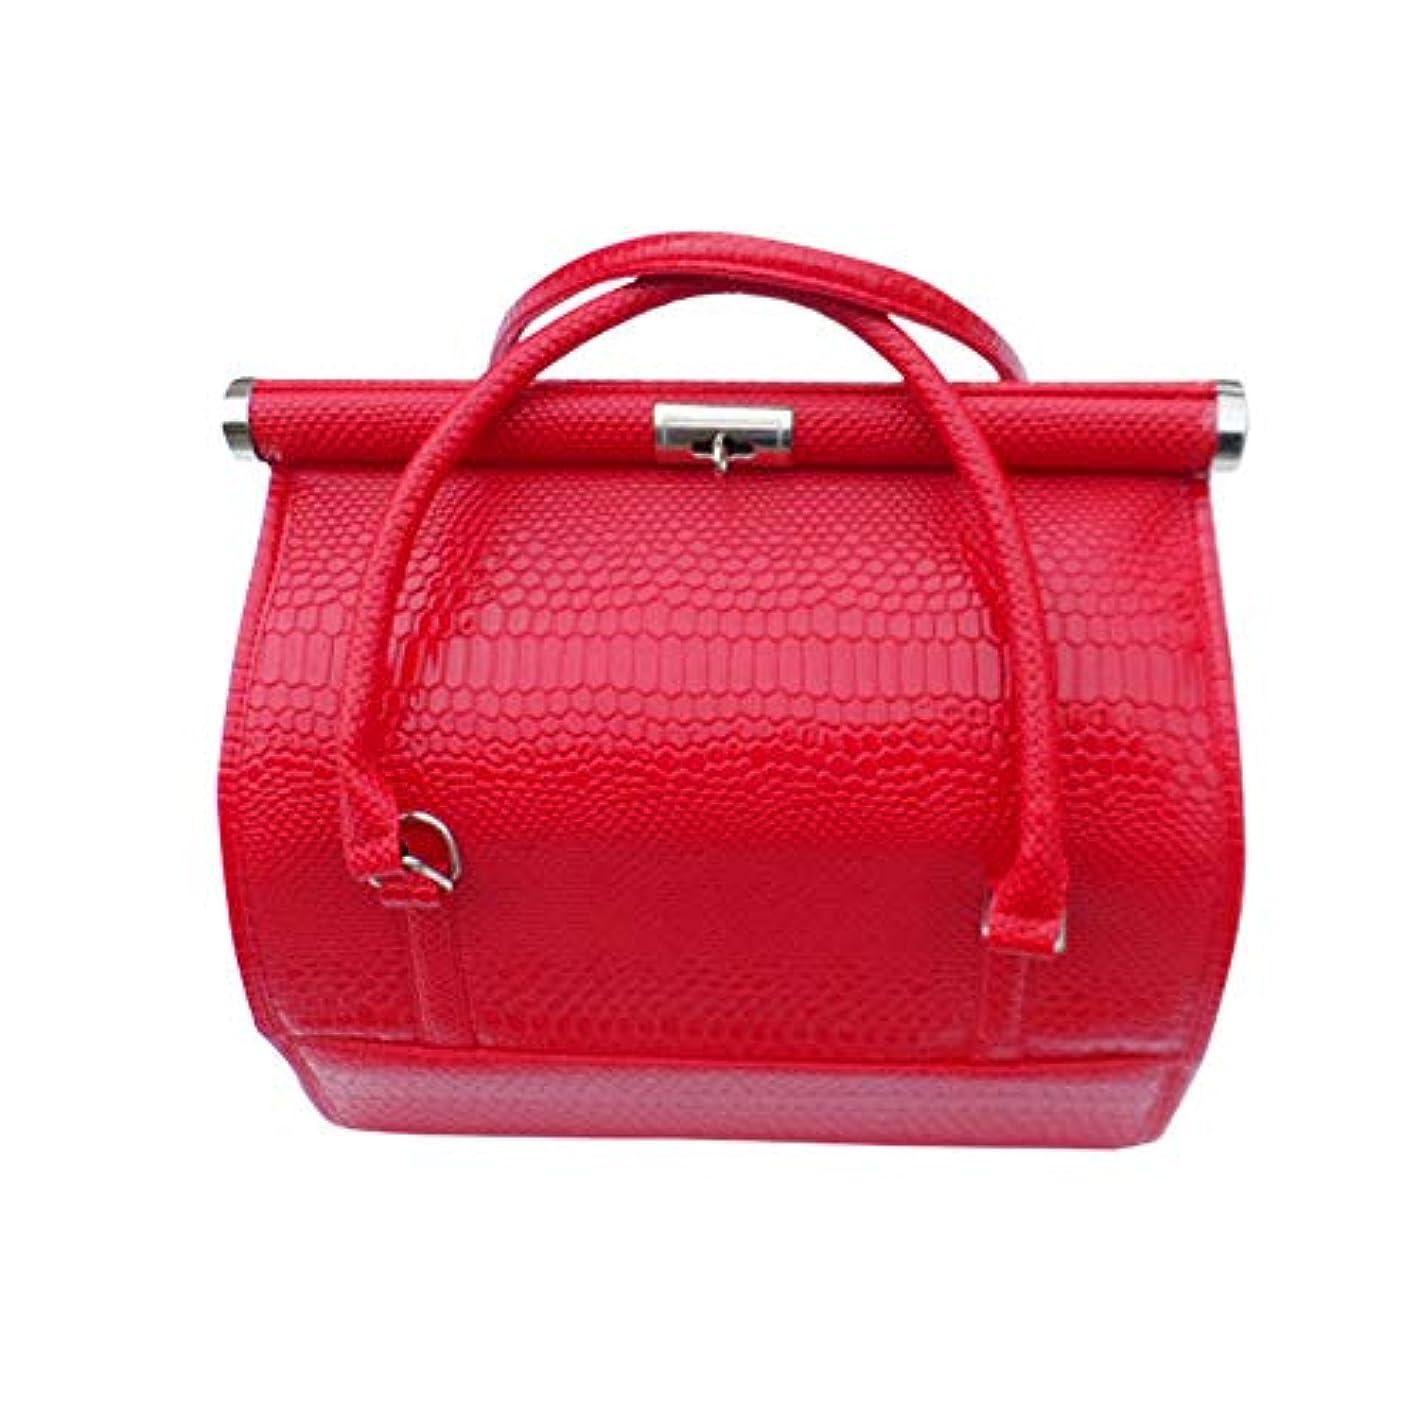 ミリメートル反対に感謝する化粧オーガナイザーバッグ 女性の女性のための美容メイクアップのためのポータブル化粧品バッグ旅行と折り畳みトレイで毎日のストレージ 化粧品ケース